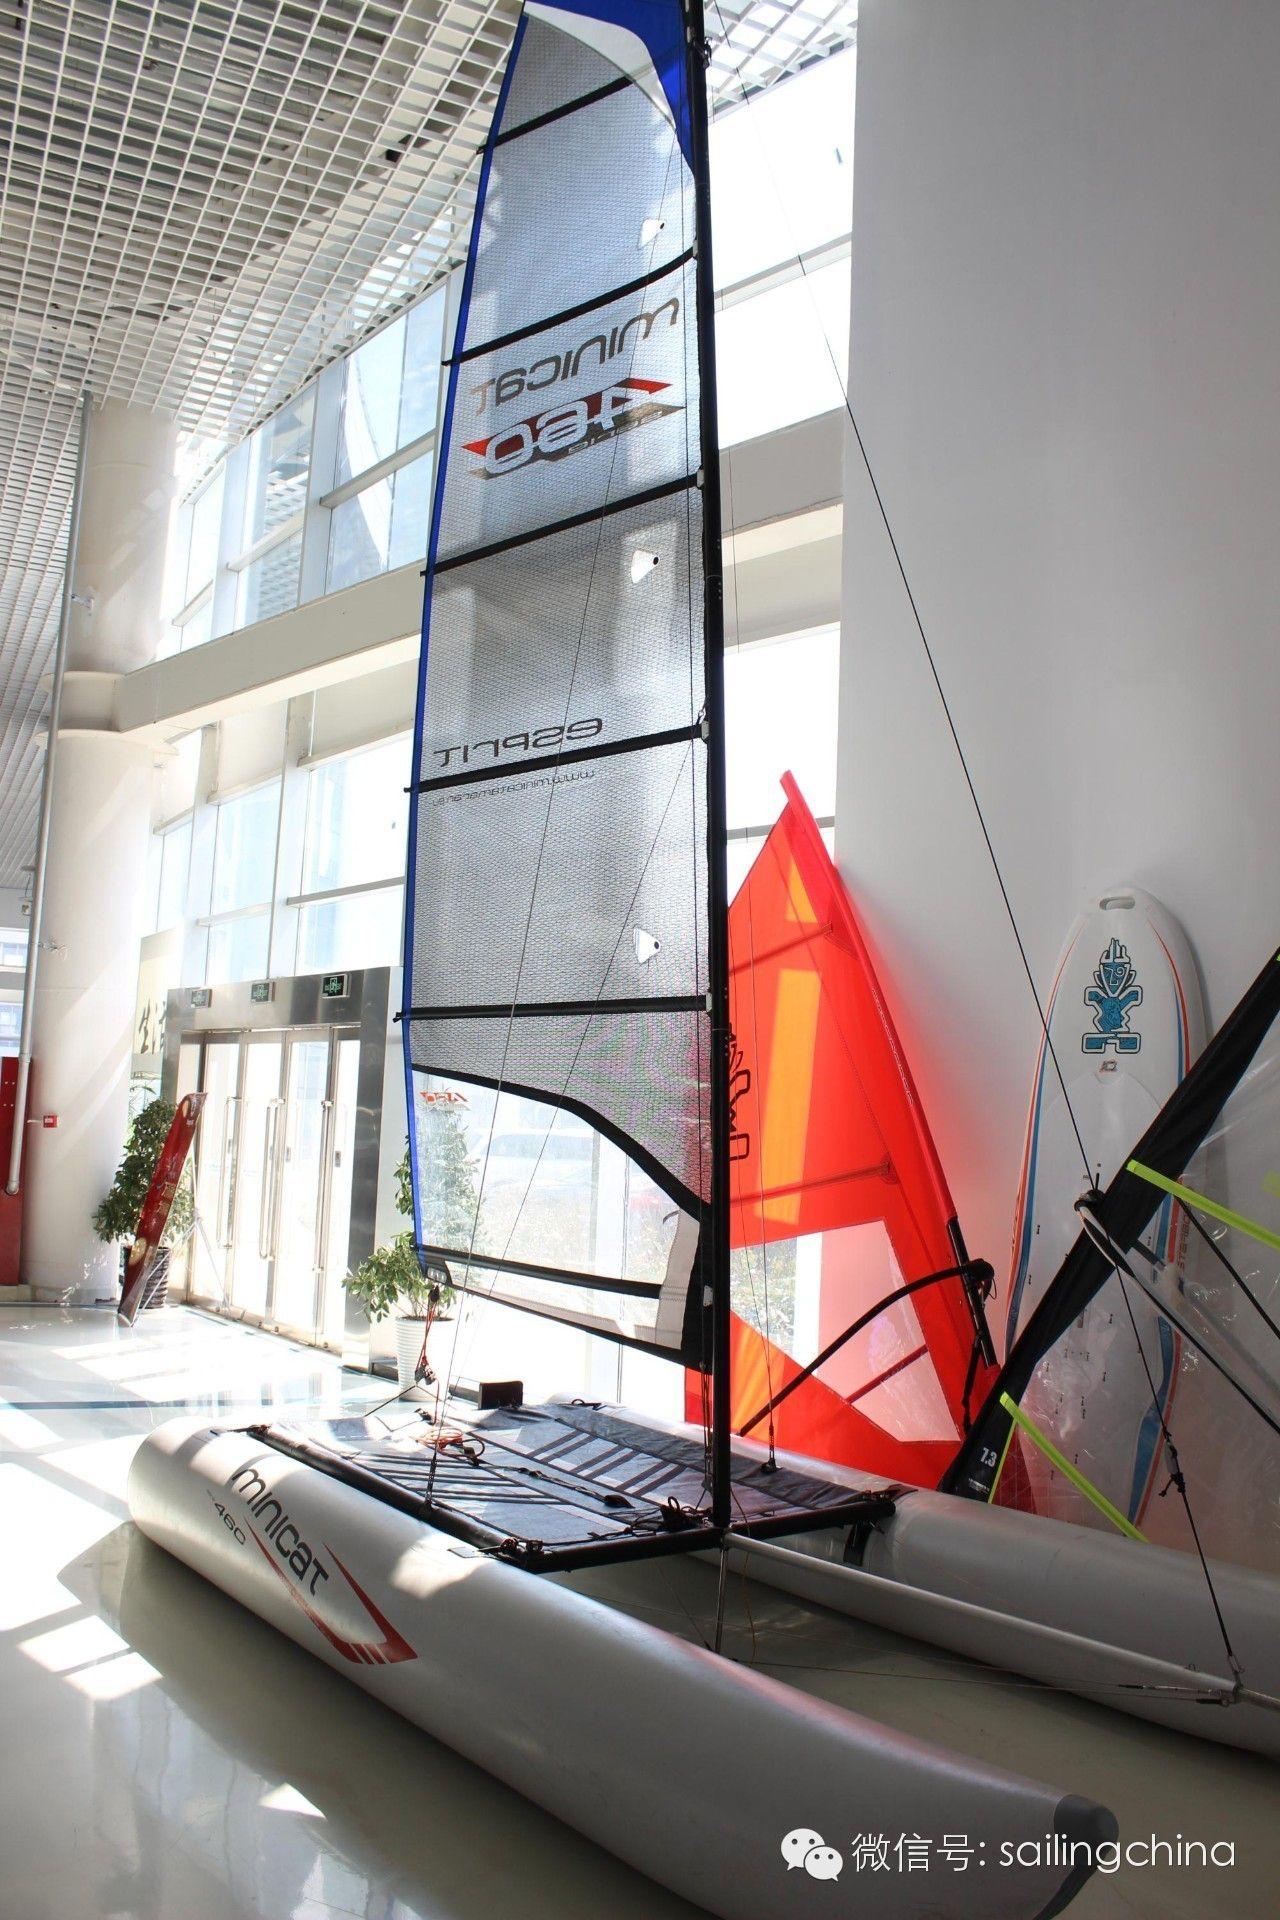 保税区,青岛,汽车,德国,帆船 来自德国的双体帆船TOPCAT首次进驻青岛保税区汽车展厅 0?wx_fmt=jpeg.jpg